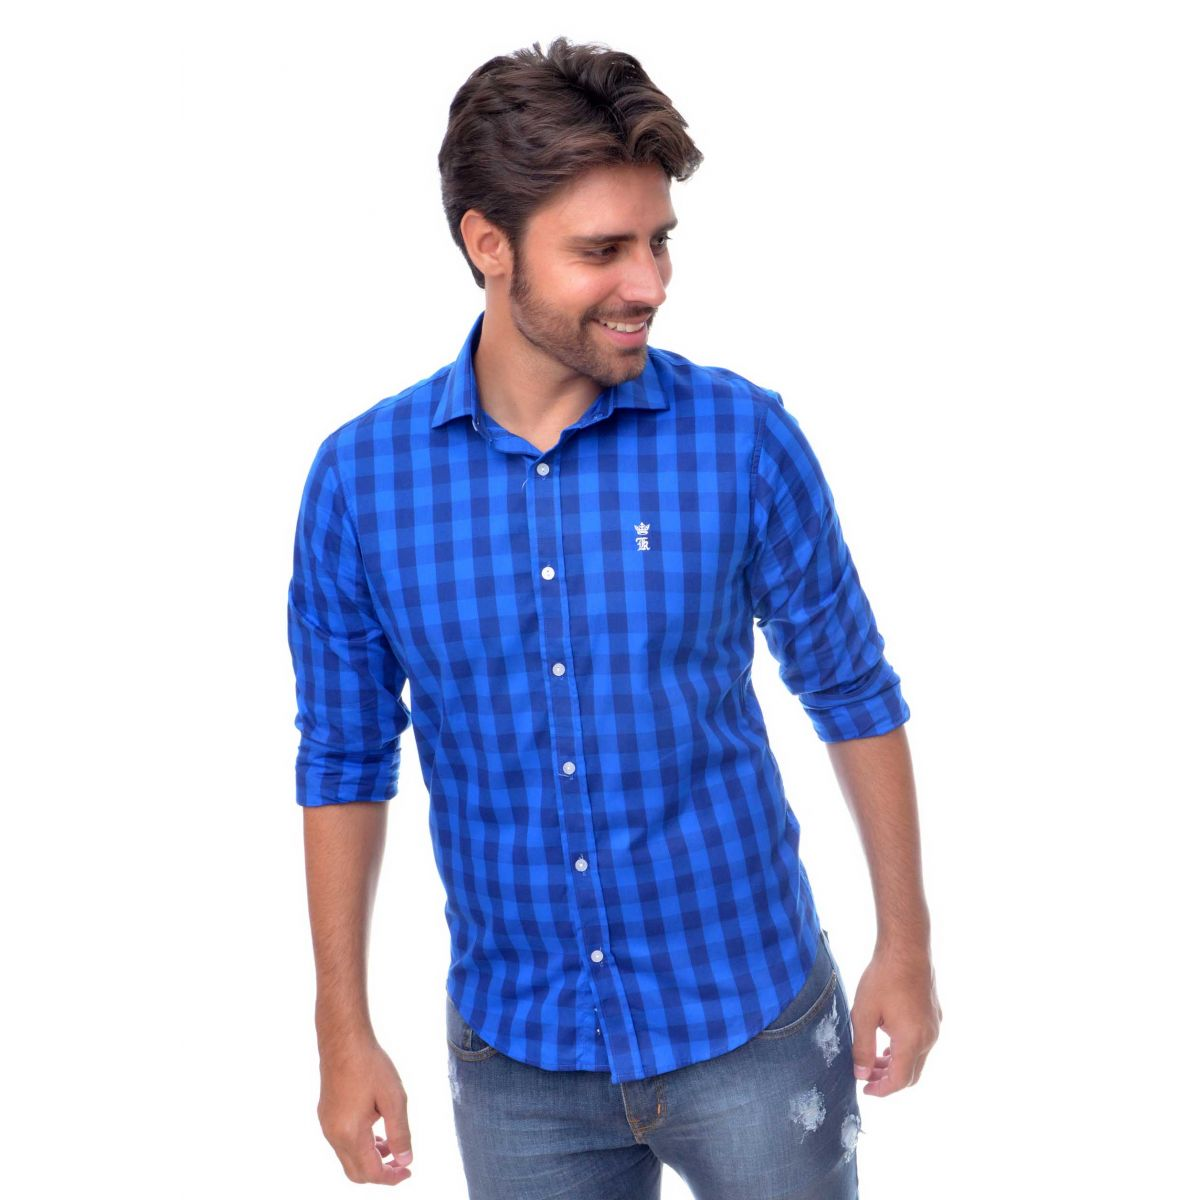 Camisa Social Xadrez Azul Royal SK  - Ca Brasileira